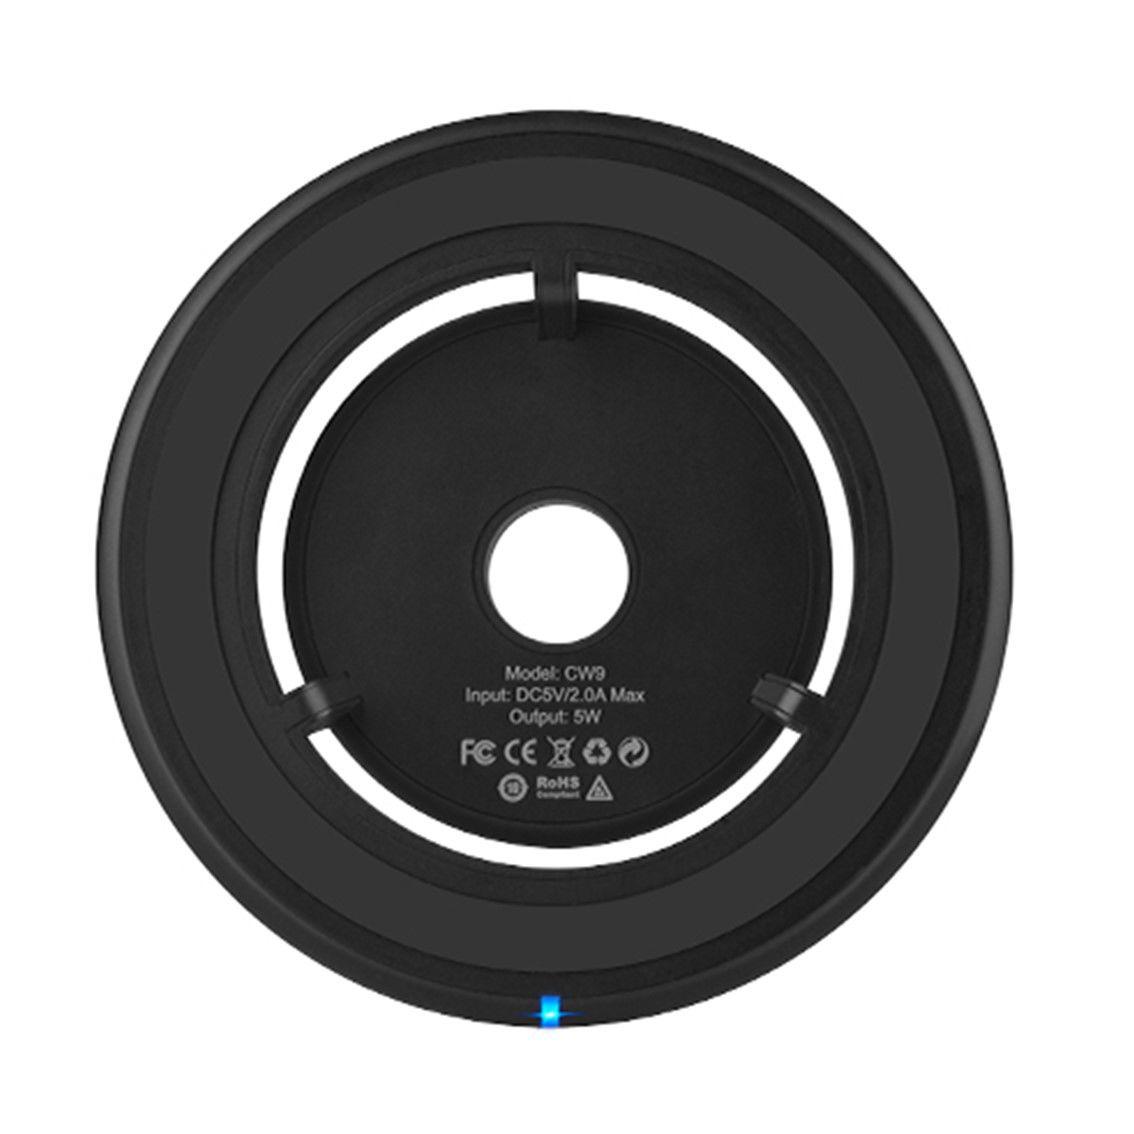 Беспроводная зарядка для телефона Hoco CW9